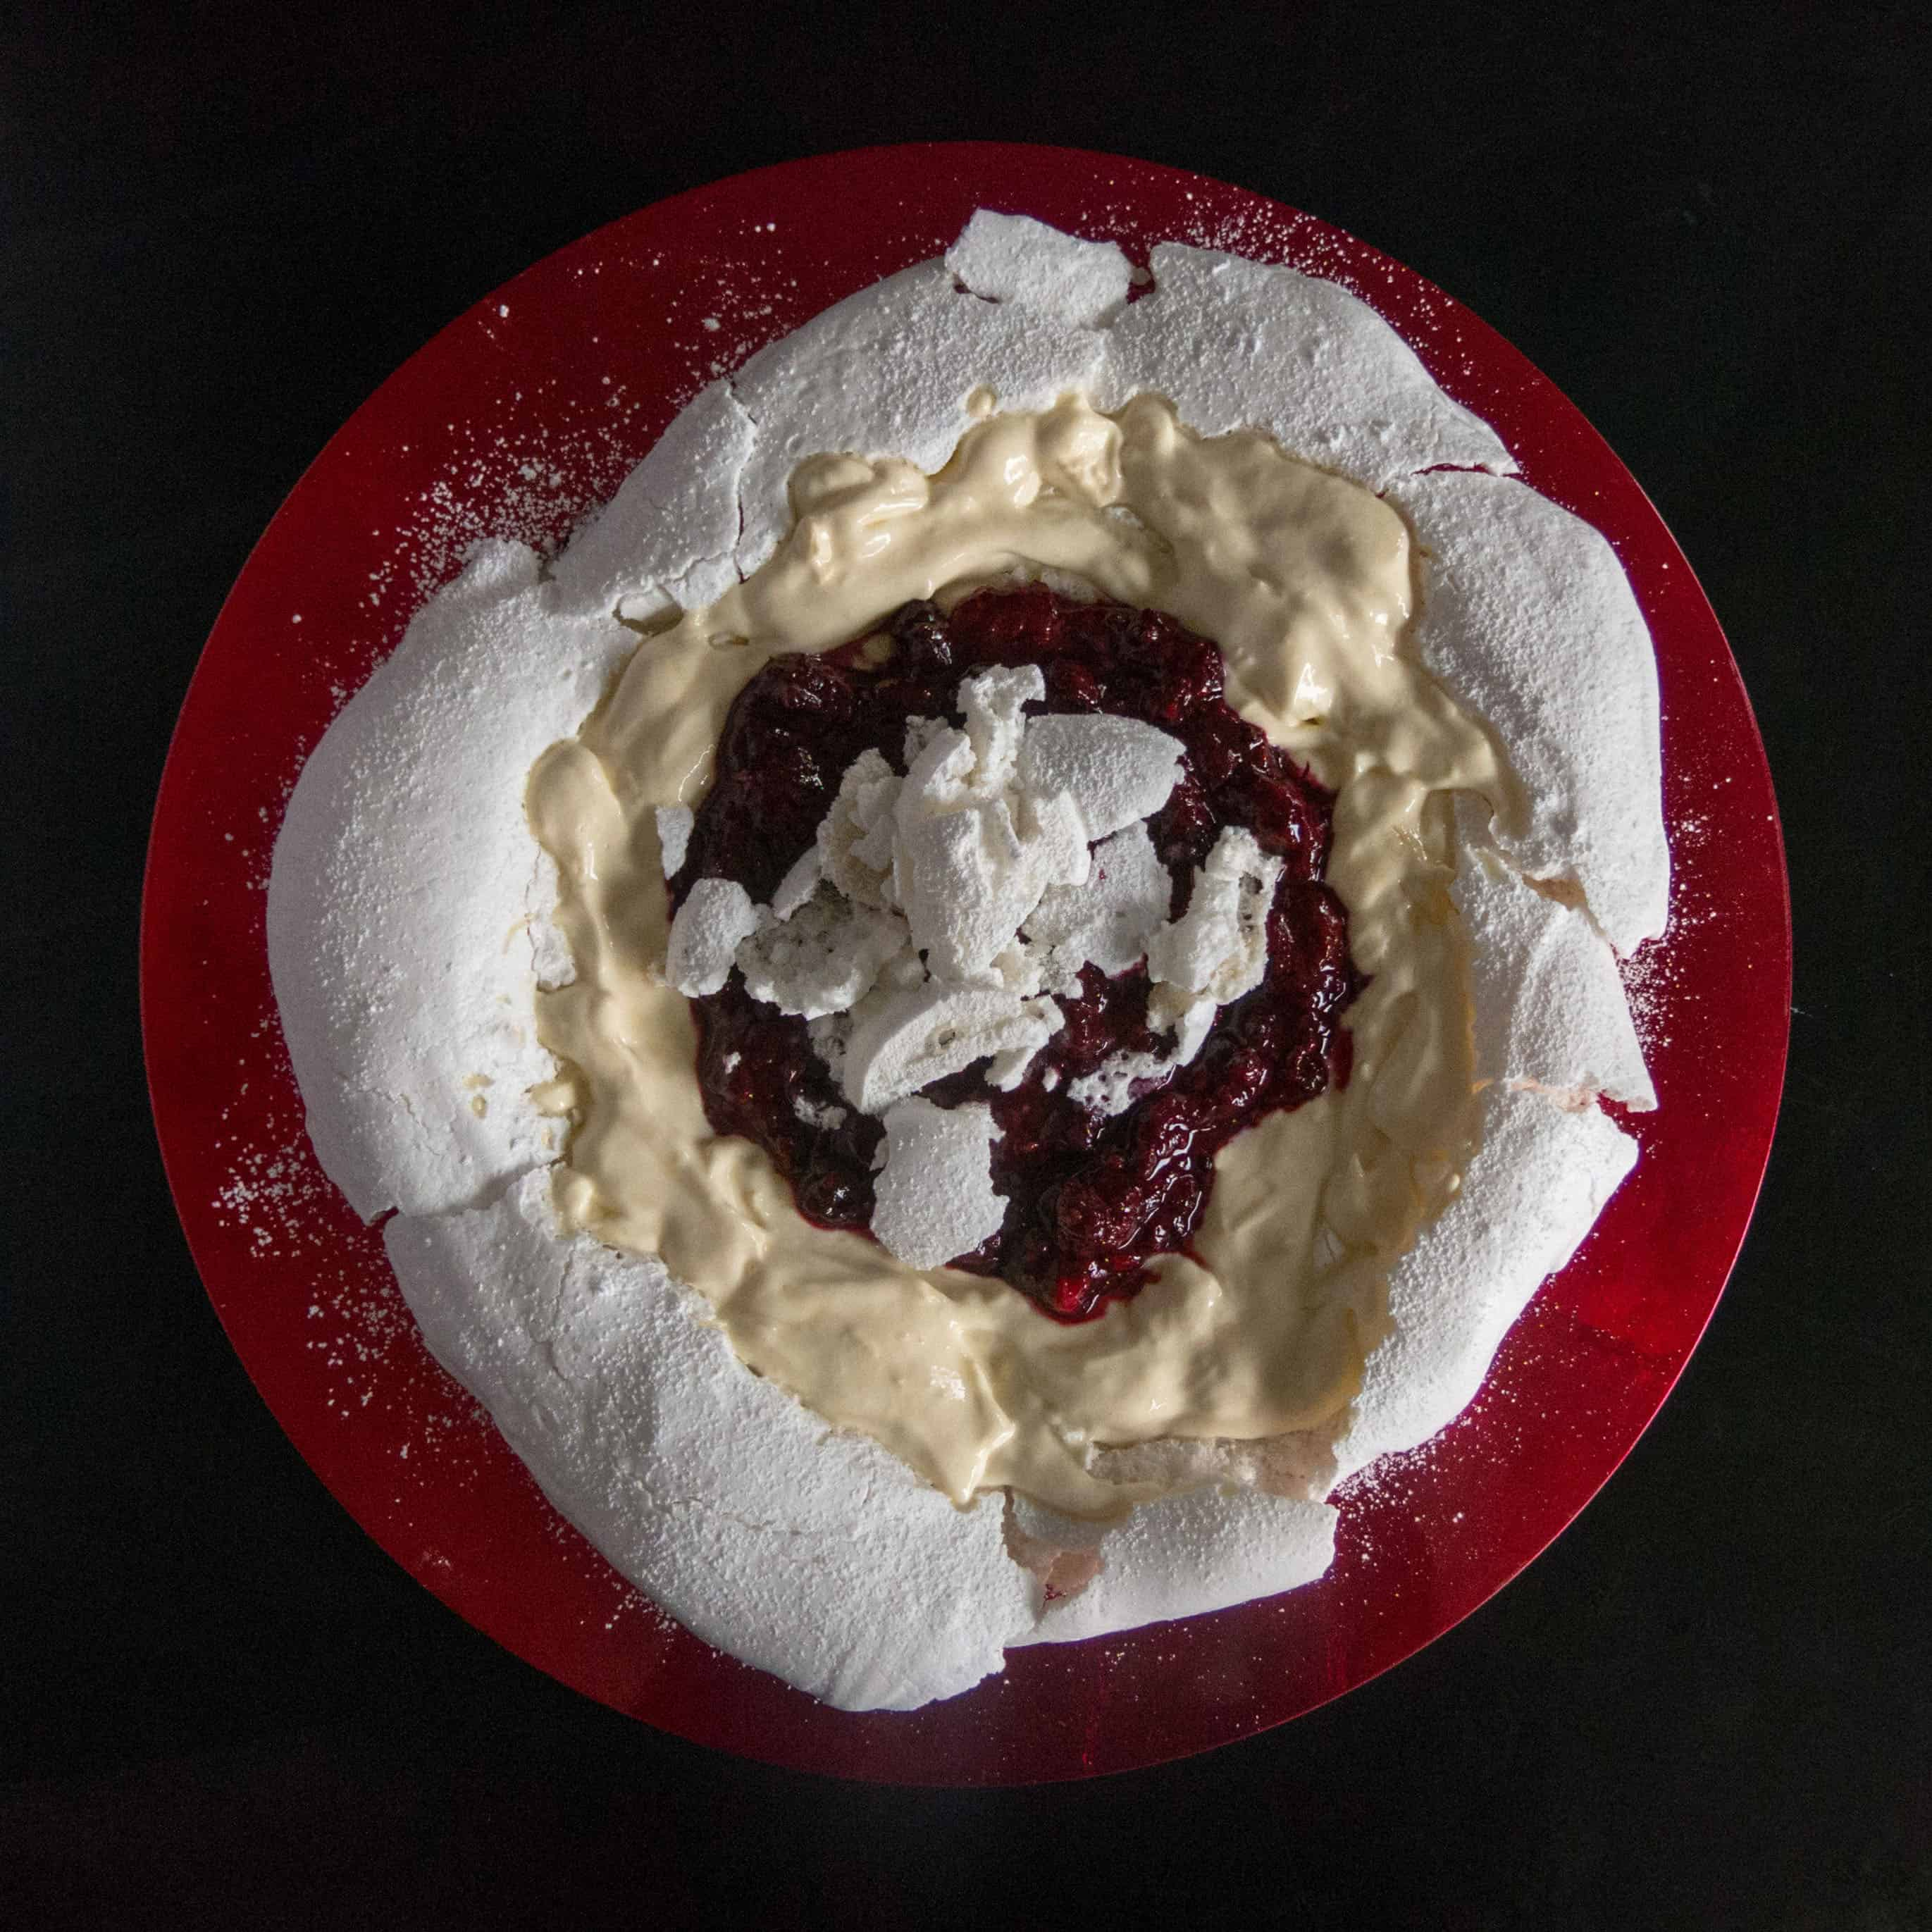 Vegan meringue. Gluten free, vegan Pavlova with vegan cream and fresh berries